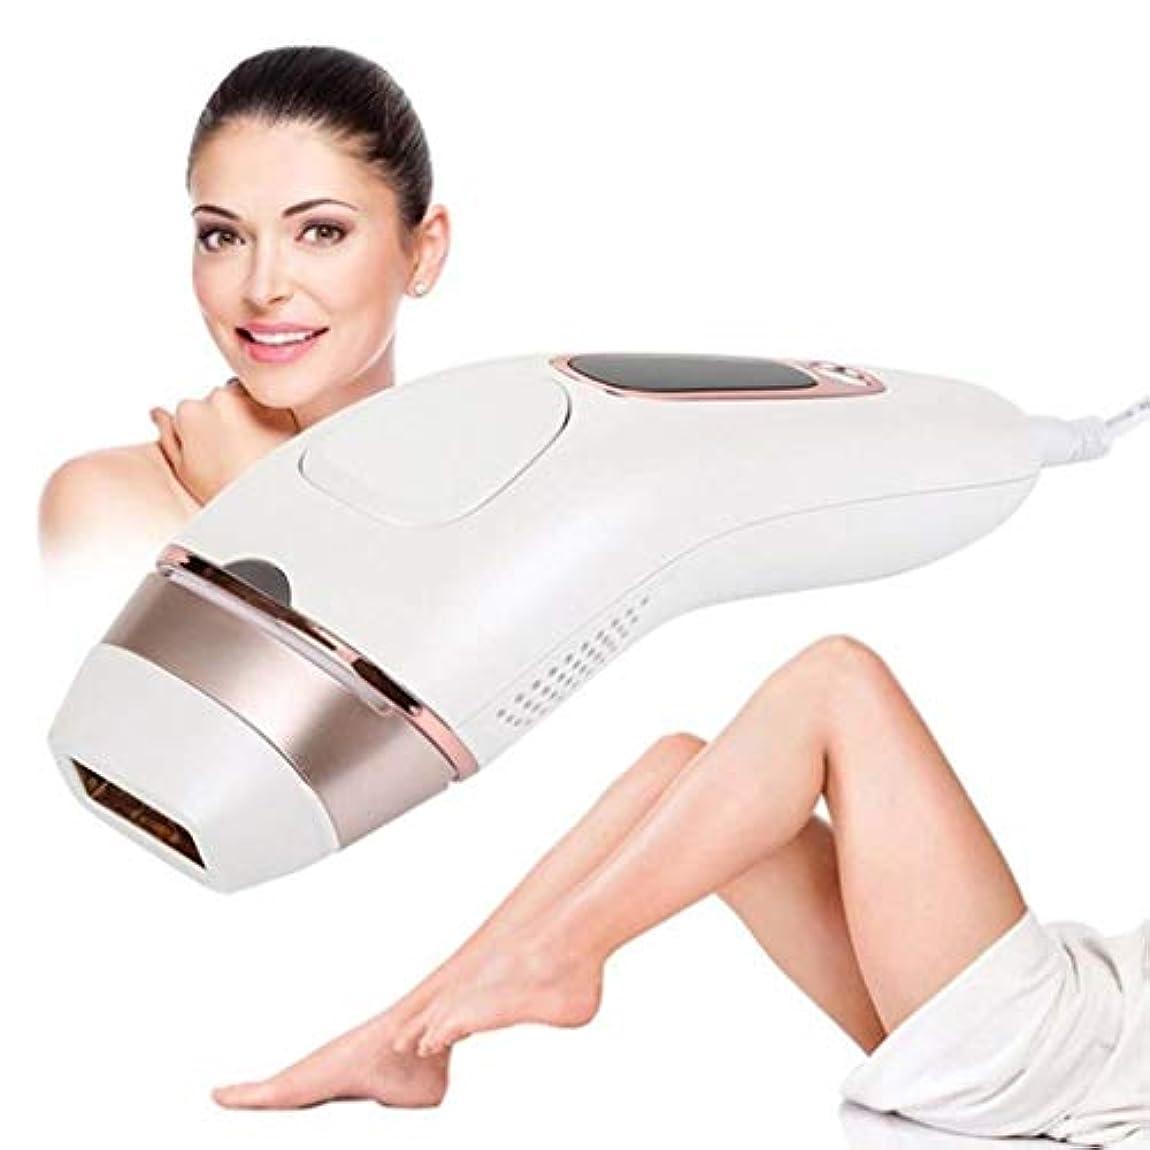 骨の折れる不運アラート脱毛器、男女兼用IPLの毛の取り外し装置、ボディ、顔、脇の下およびビキニライン接触LCDのための永久的な毛の取り外し機械のための300,000のフラッシュ